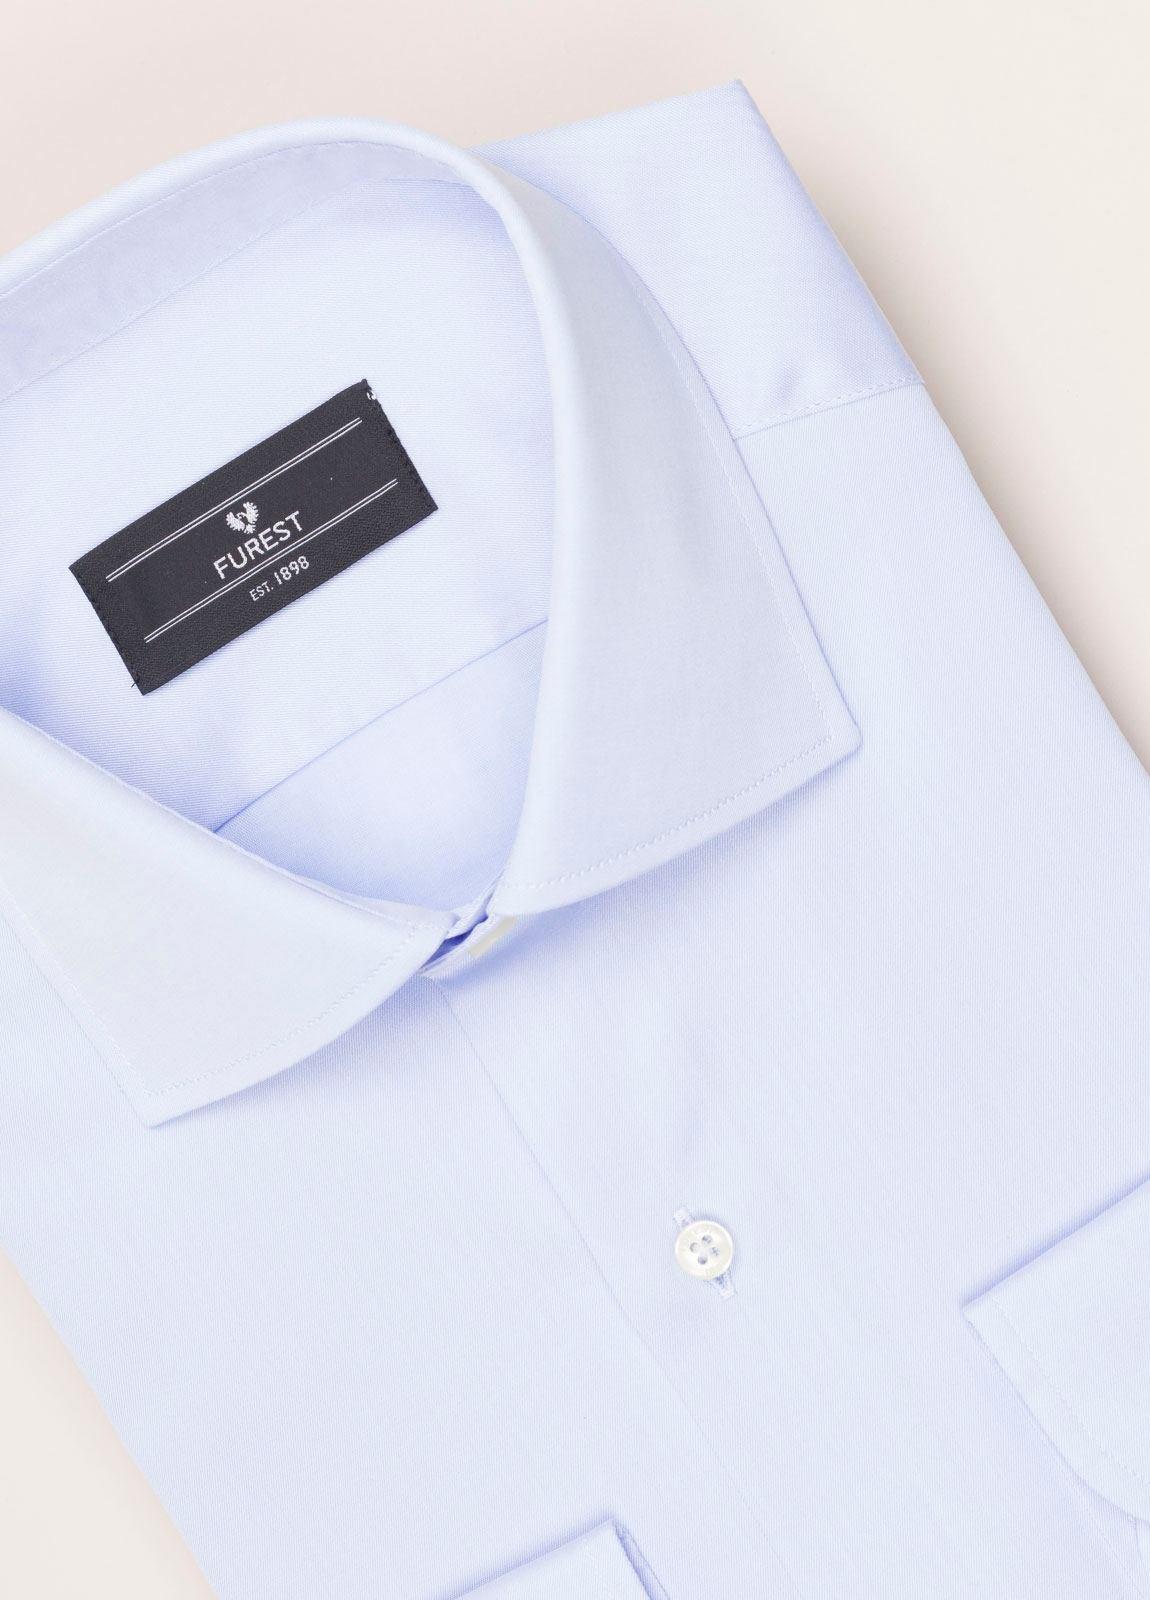 Camisa vestir FUREST COLECCIÓN REGULAR FIT twill celeste - Ítem1